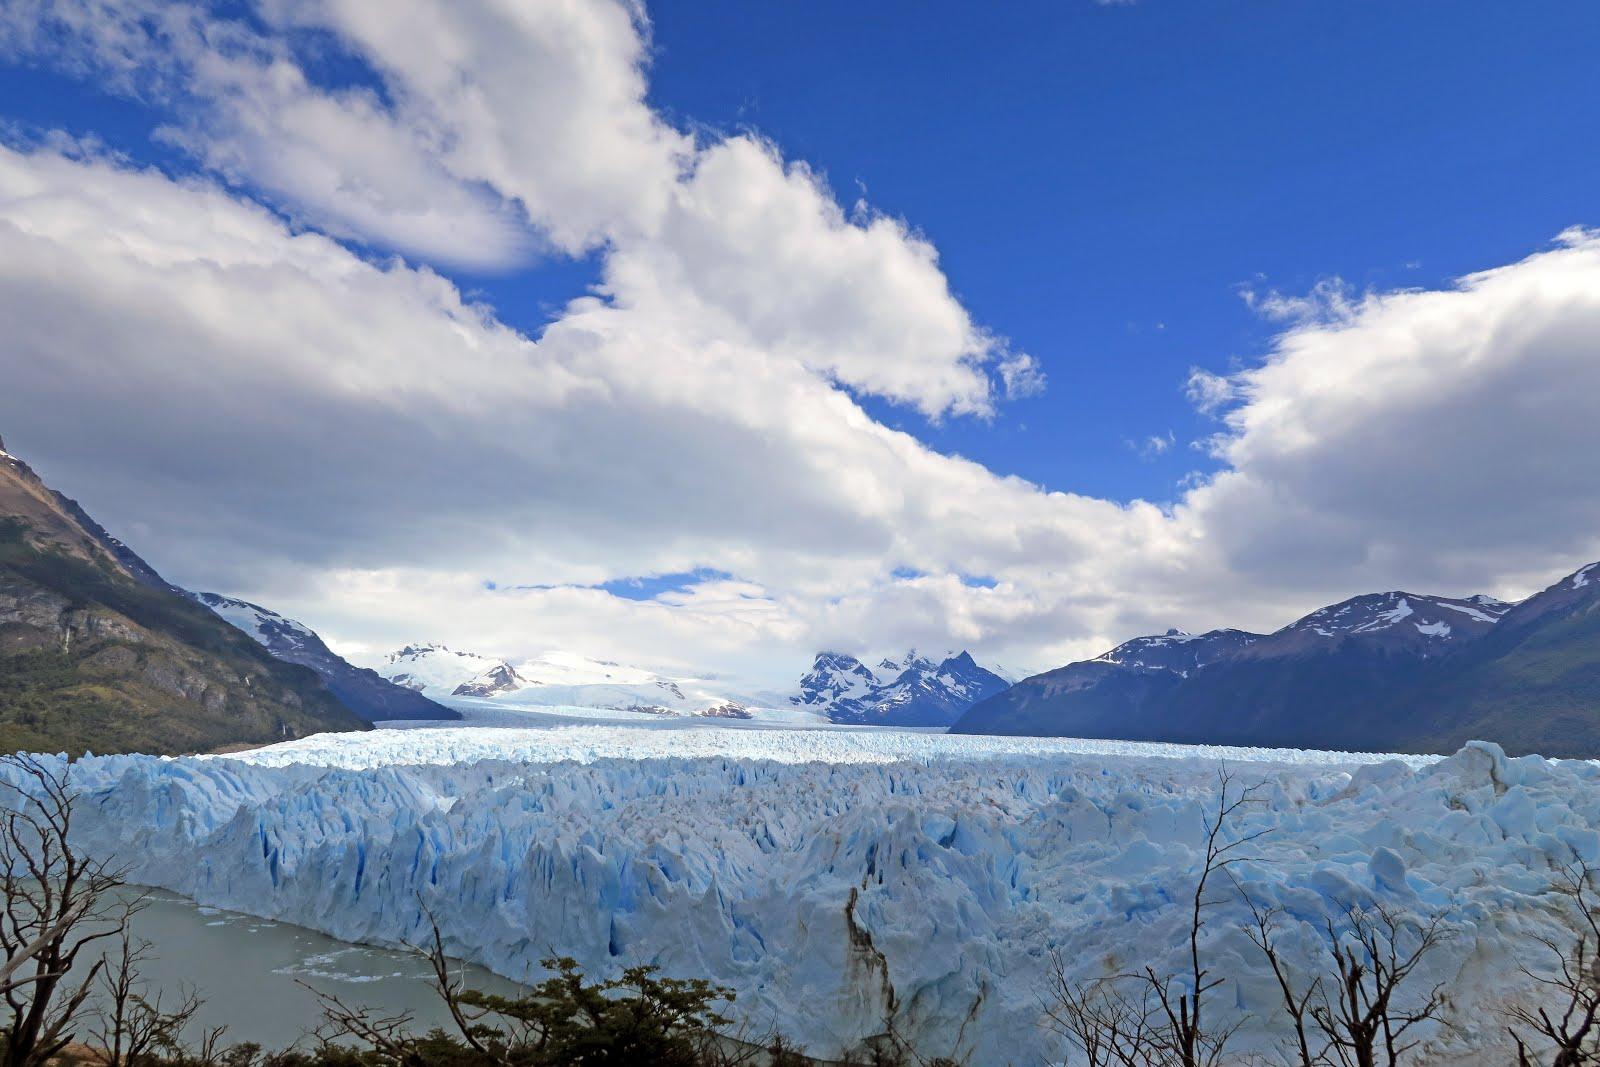 patagonia argentina 2018